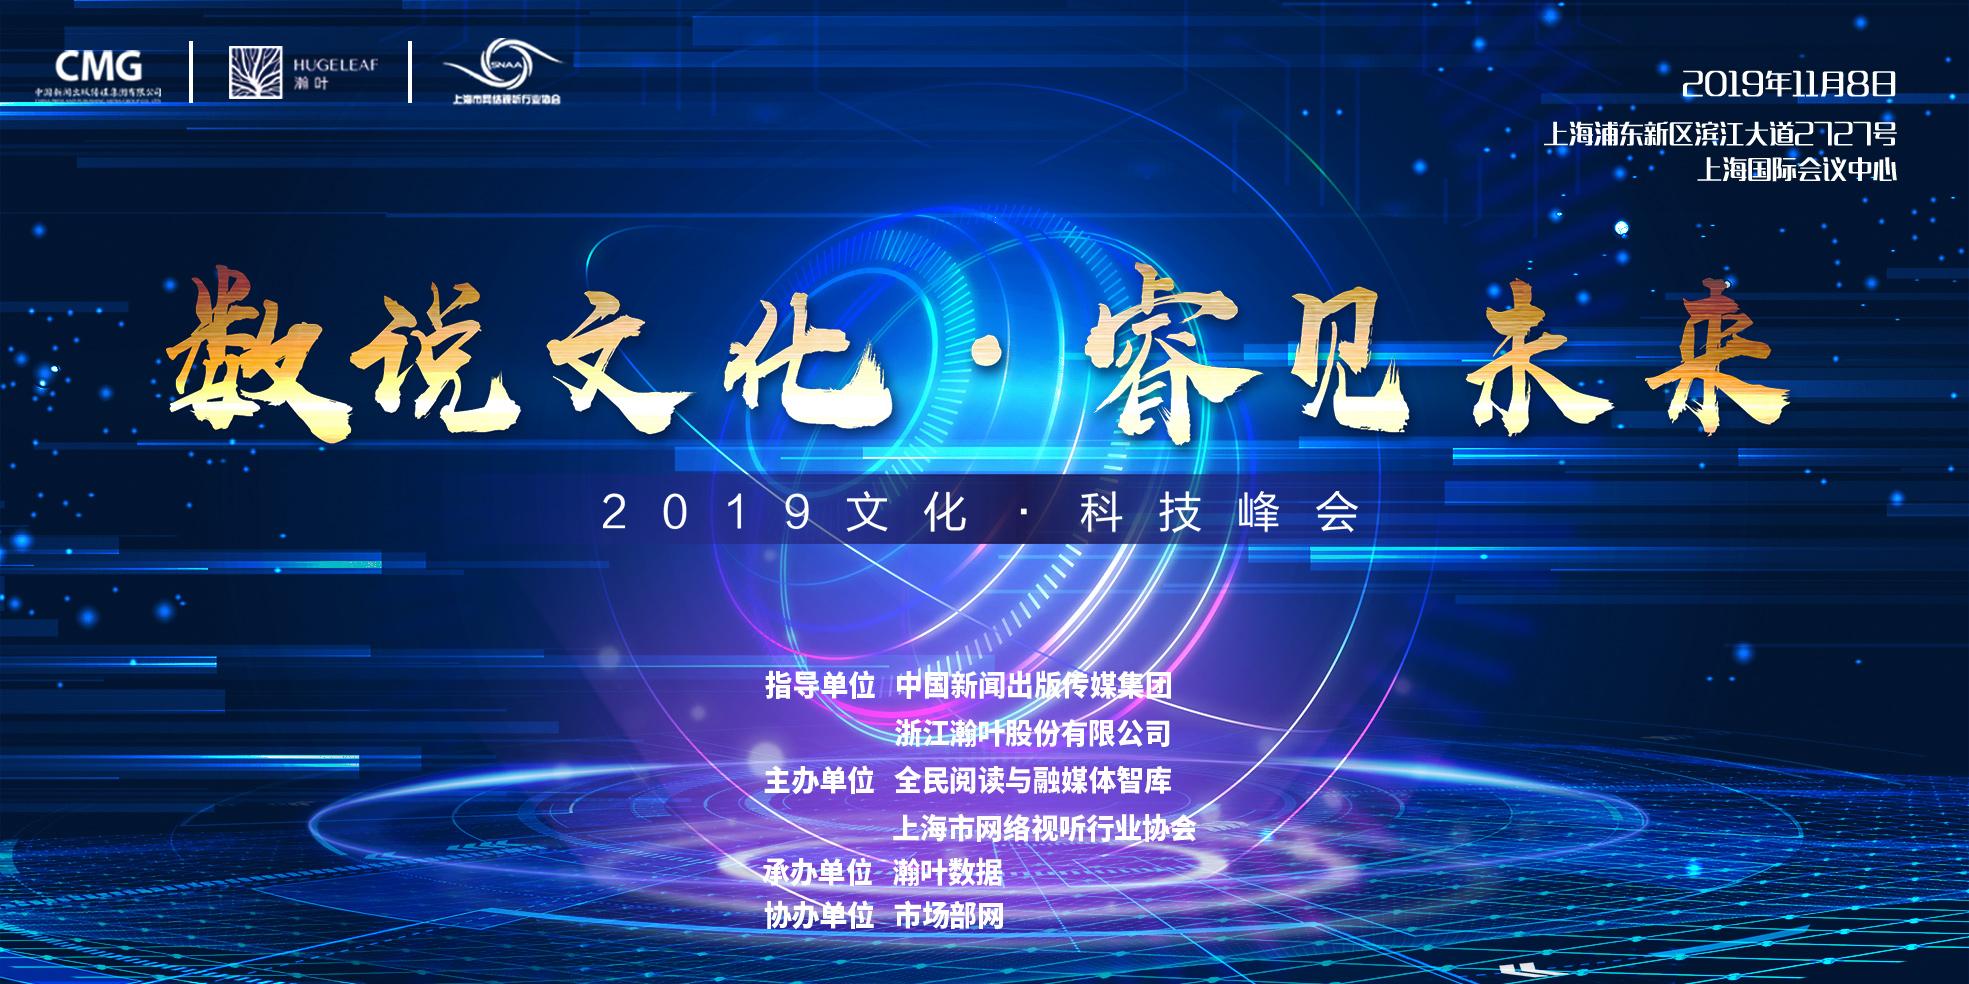 数说文化·睿见未来——2019年文化·科技峰会(上海)